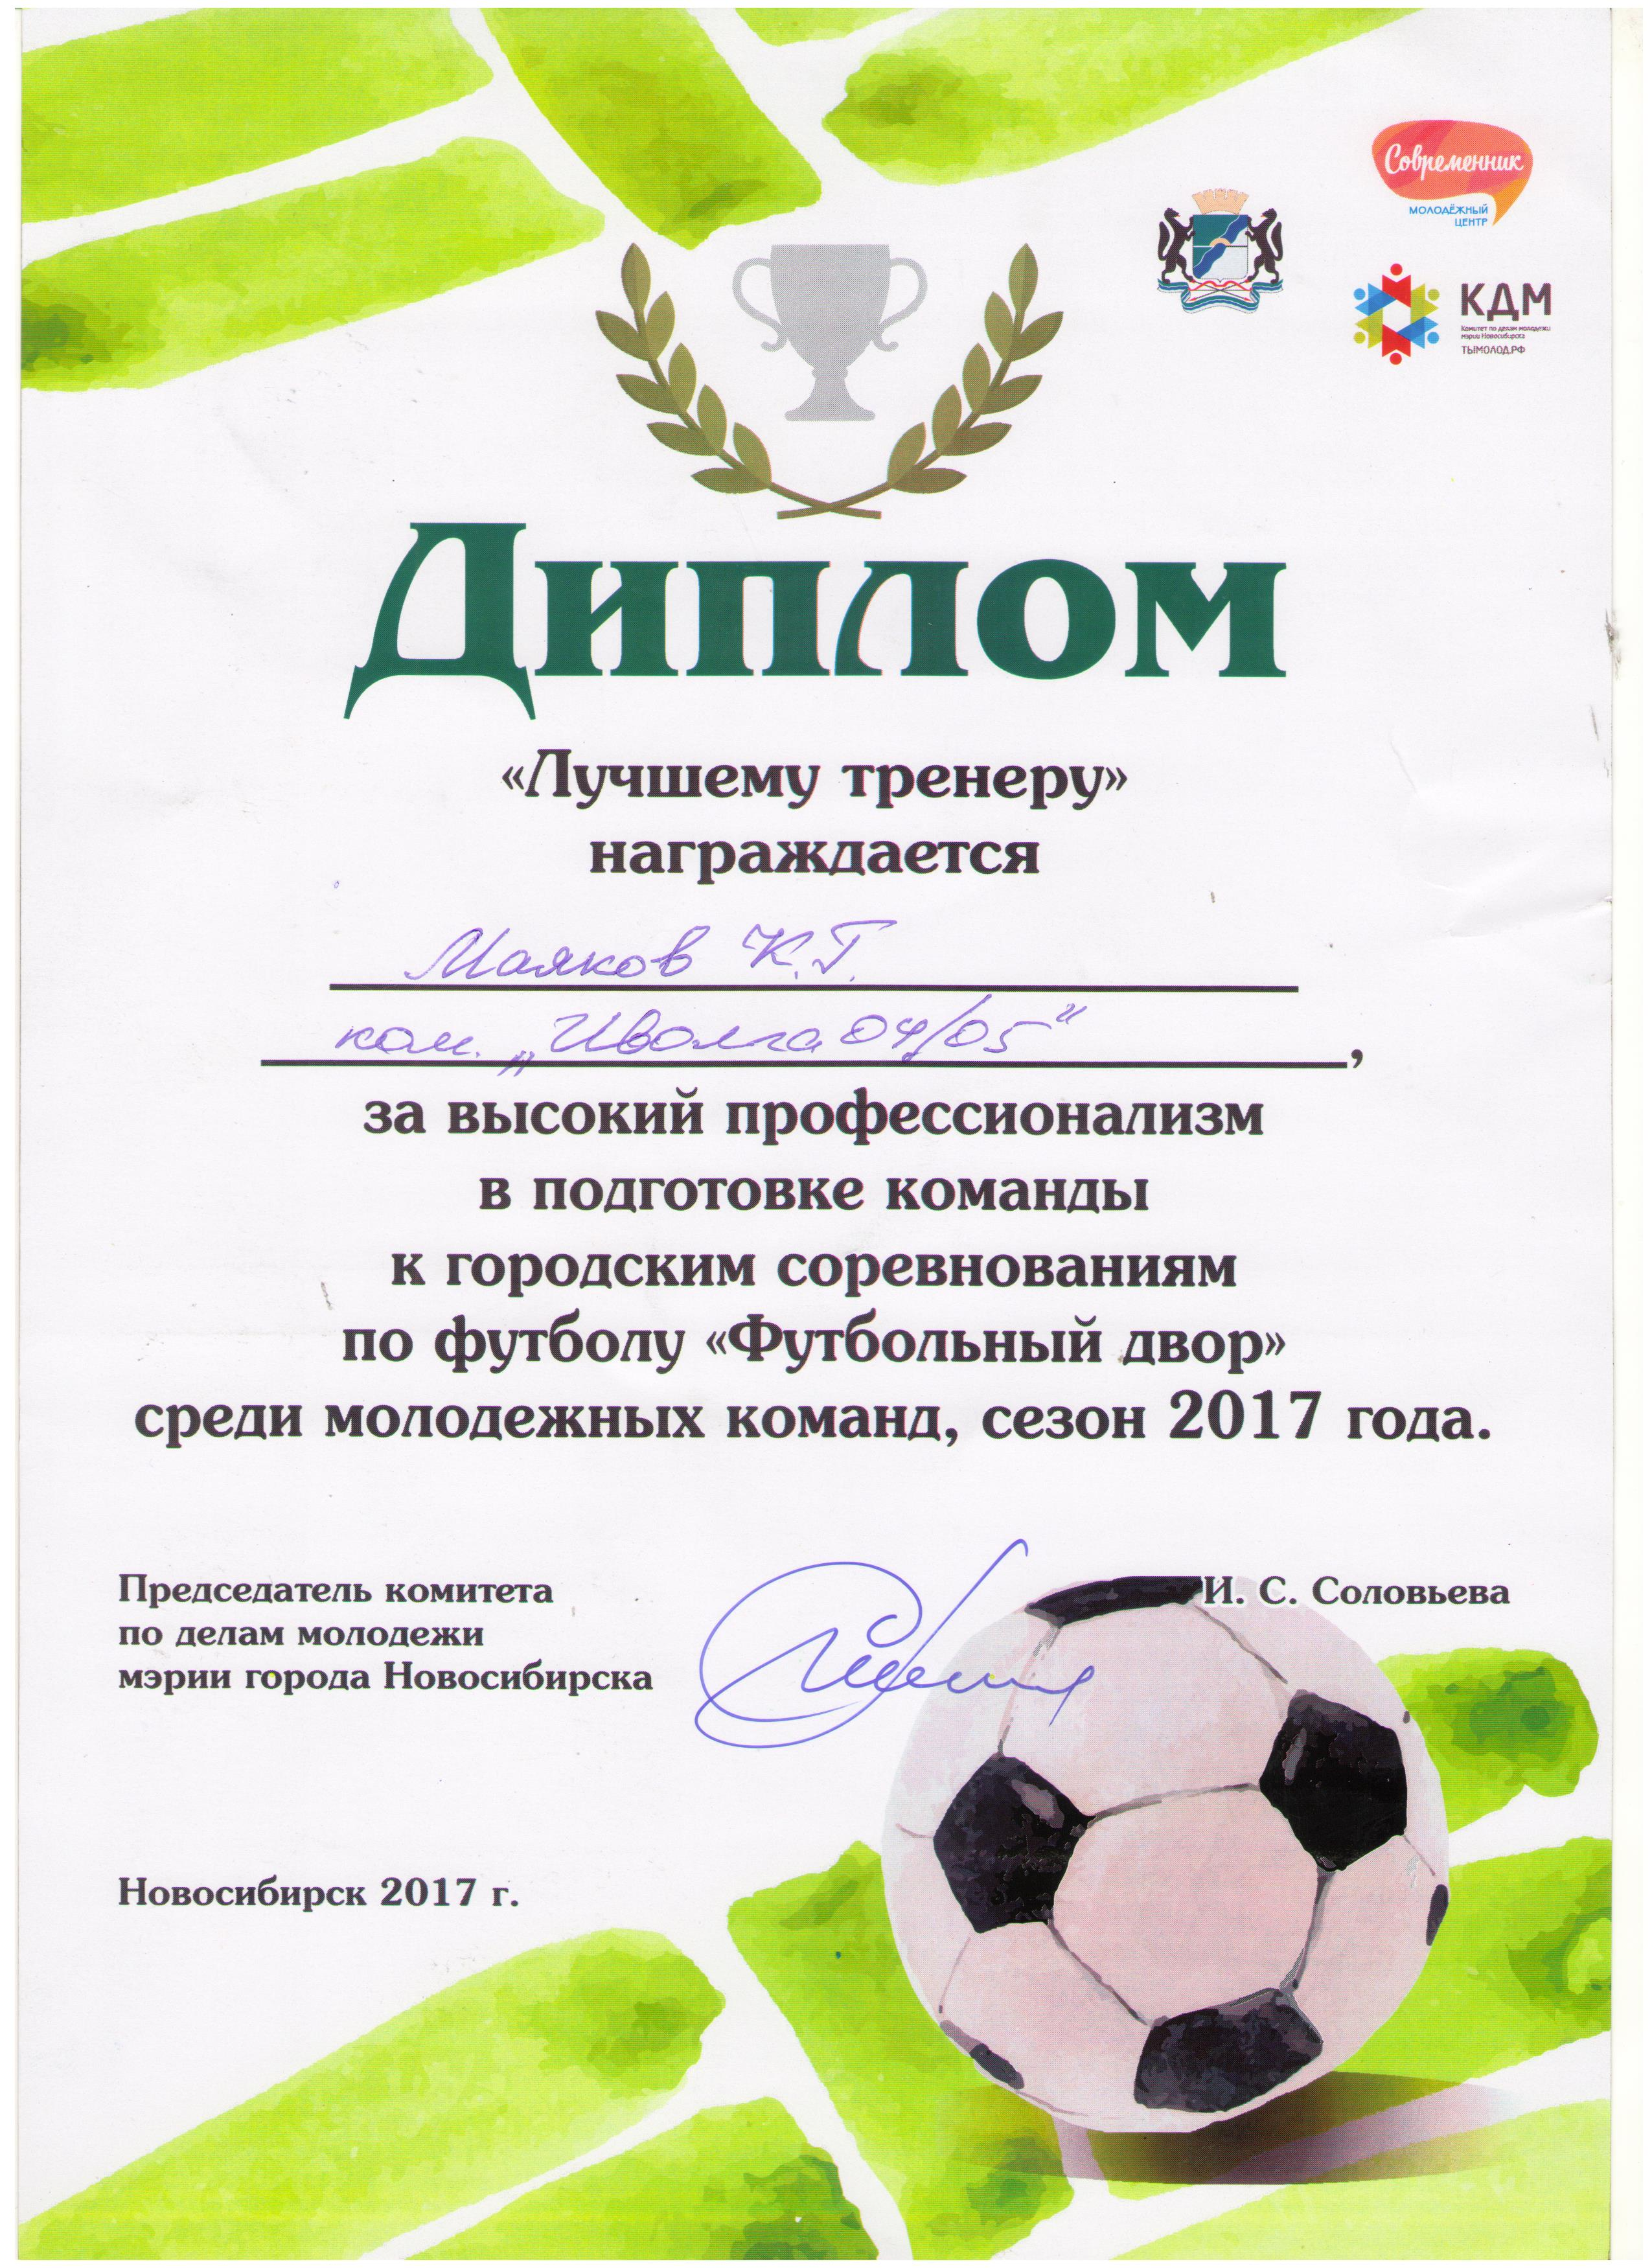 Mayakov_iyun-2017-001